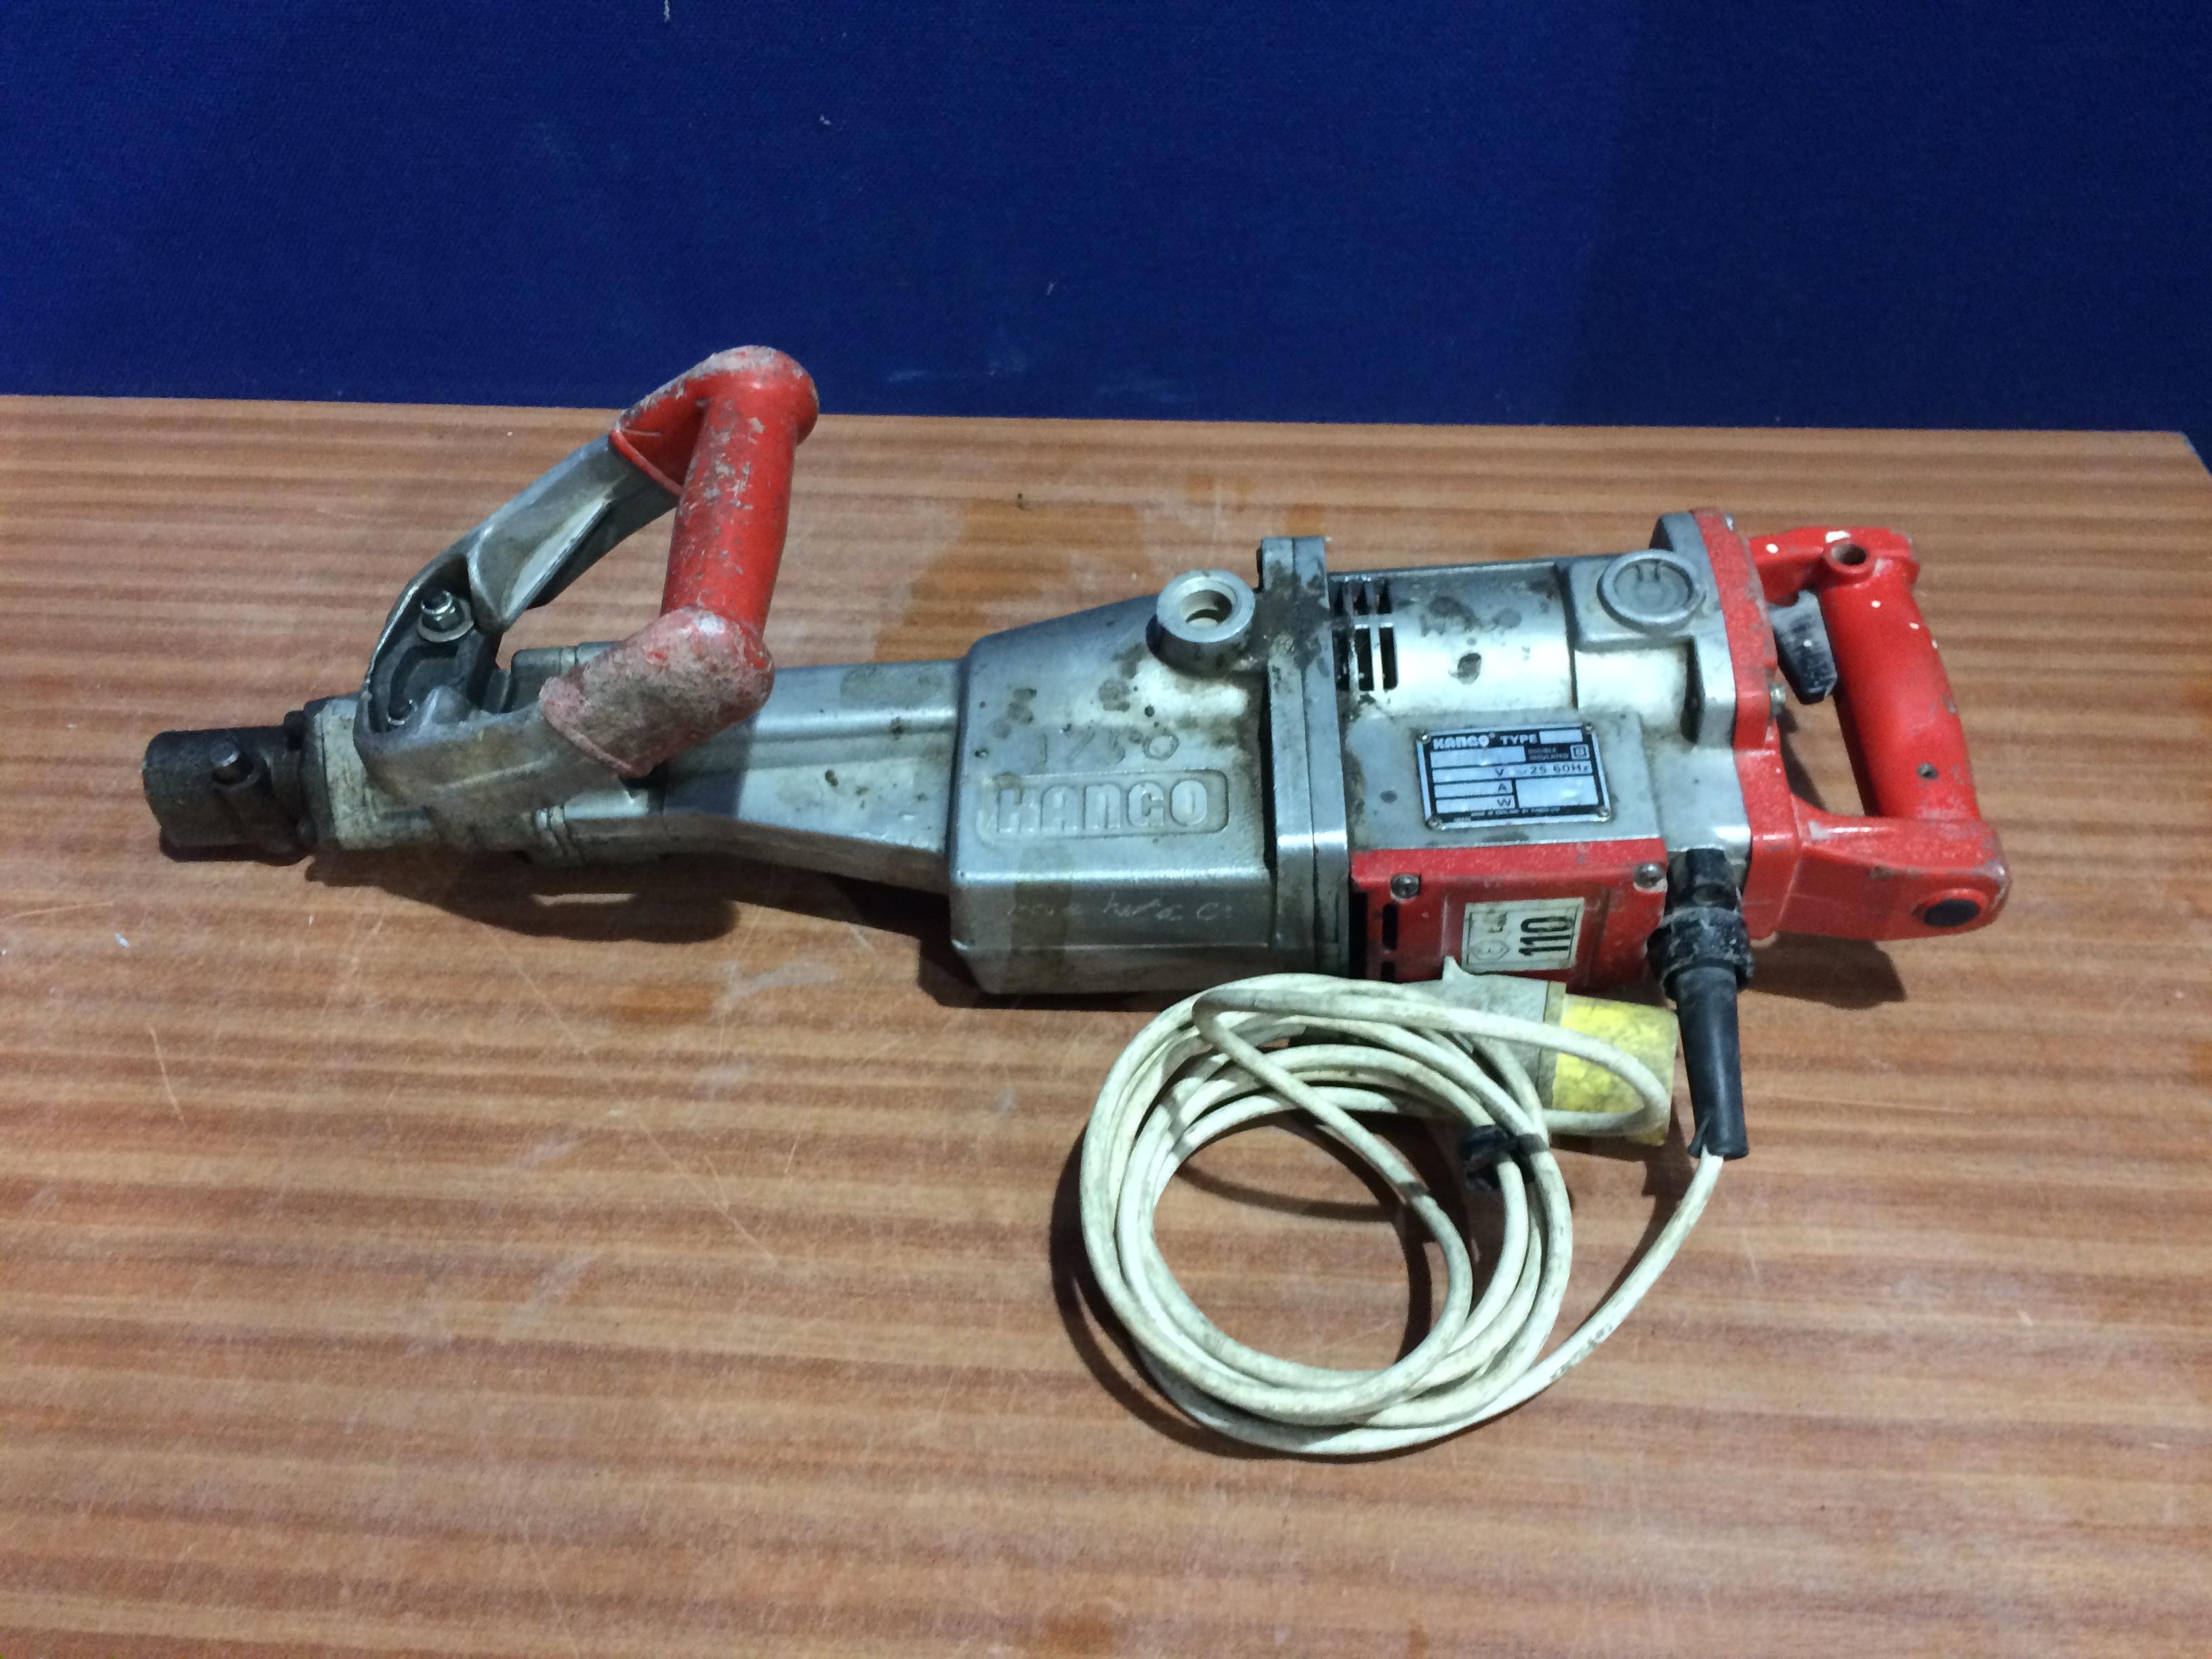 kango 950x rh bidspotter co uk kango 950x manual